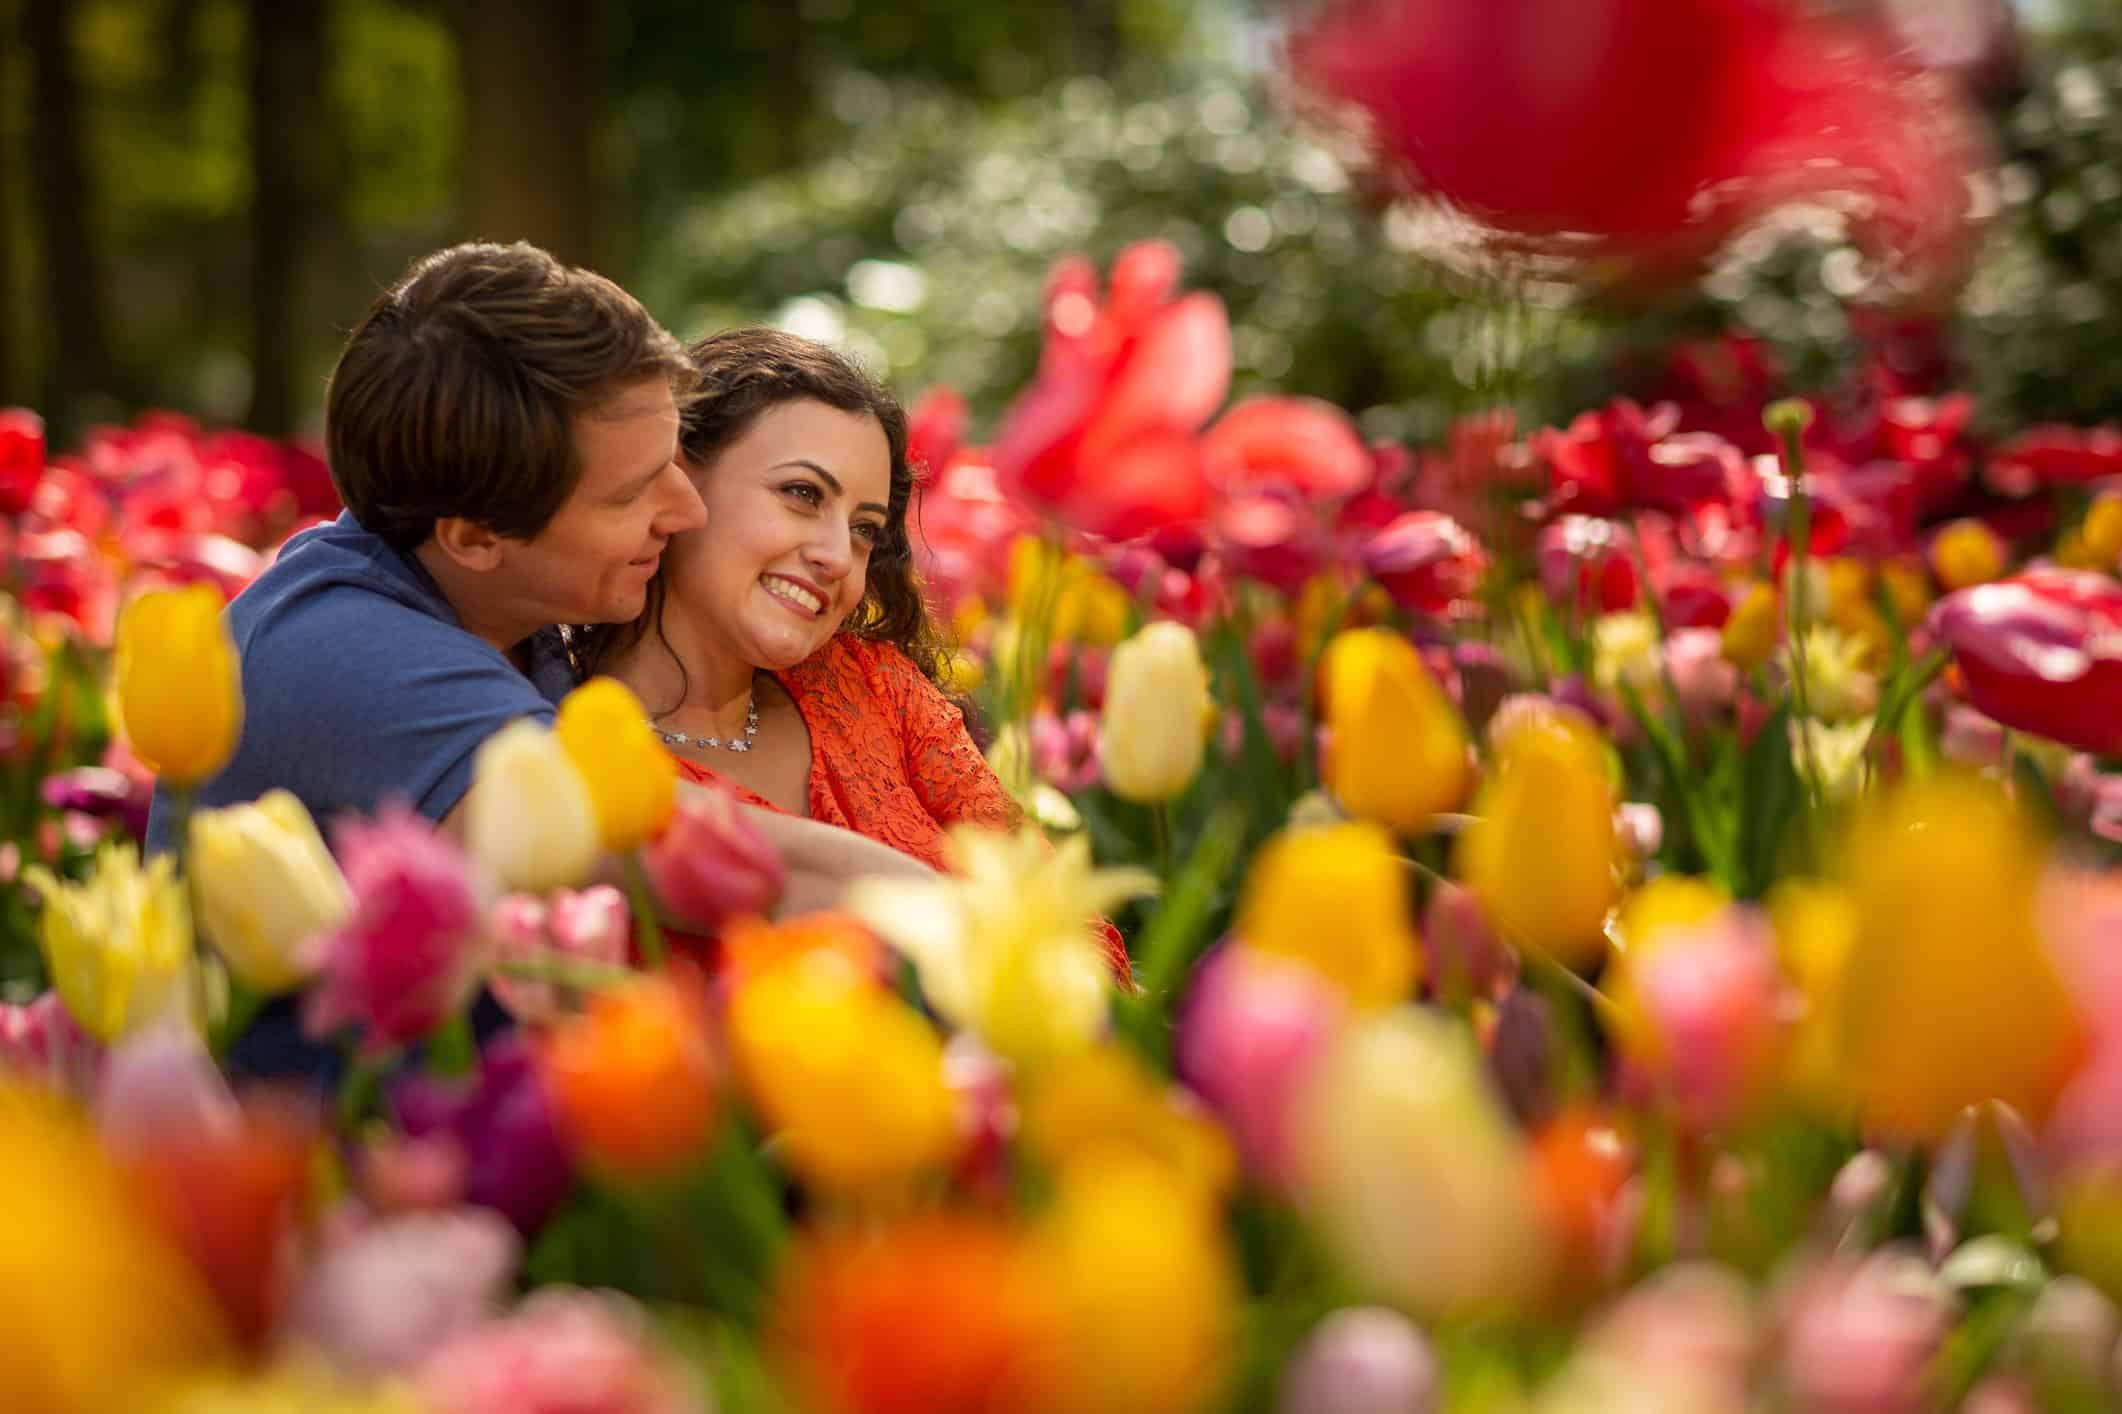 fotoshoot Keukenhof tulpen